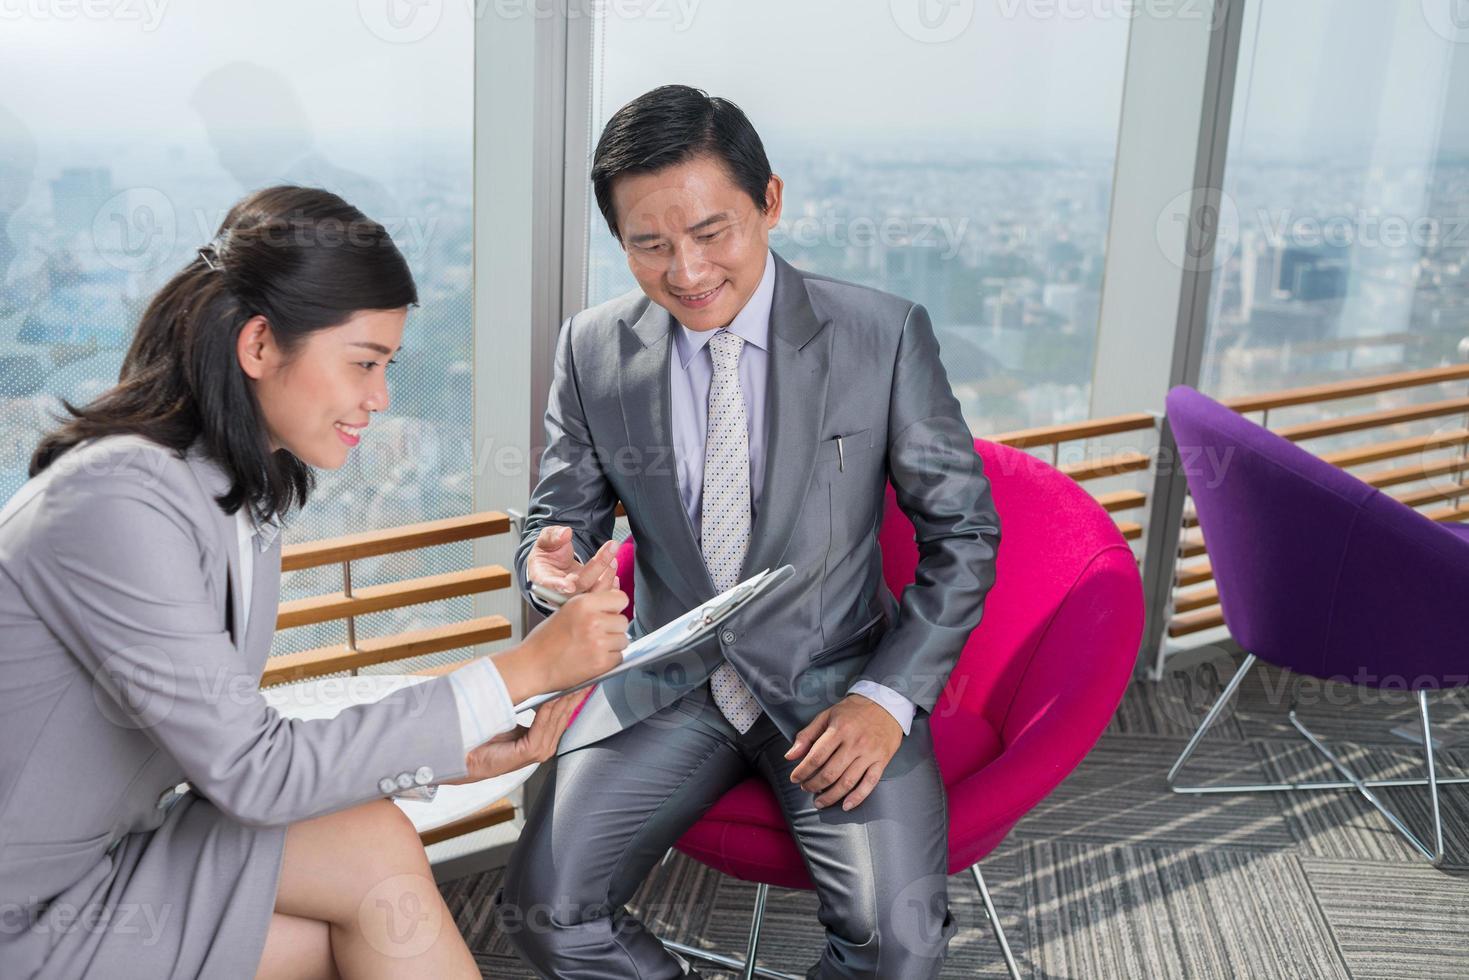 discuter du document financier photo